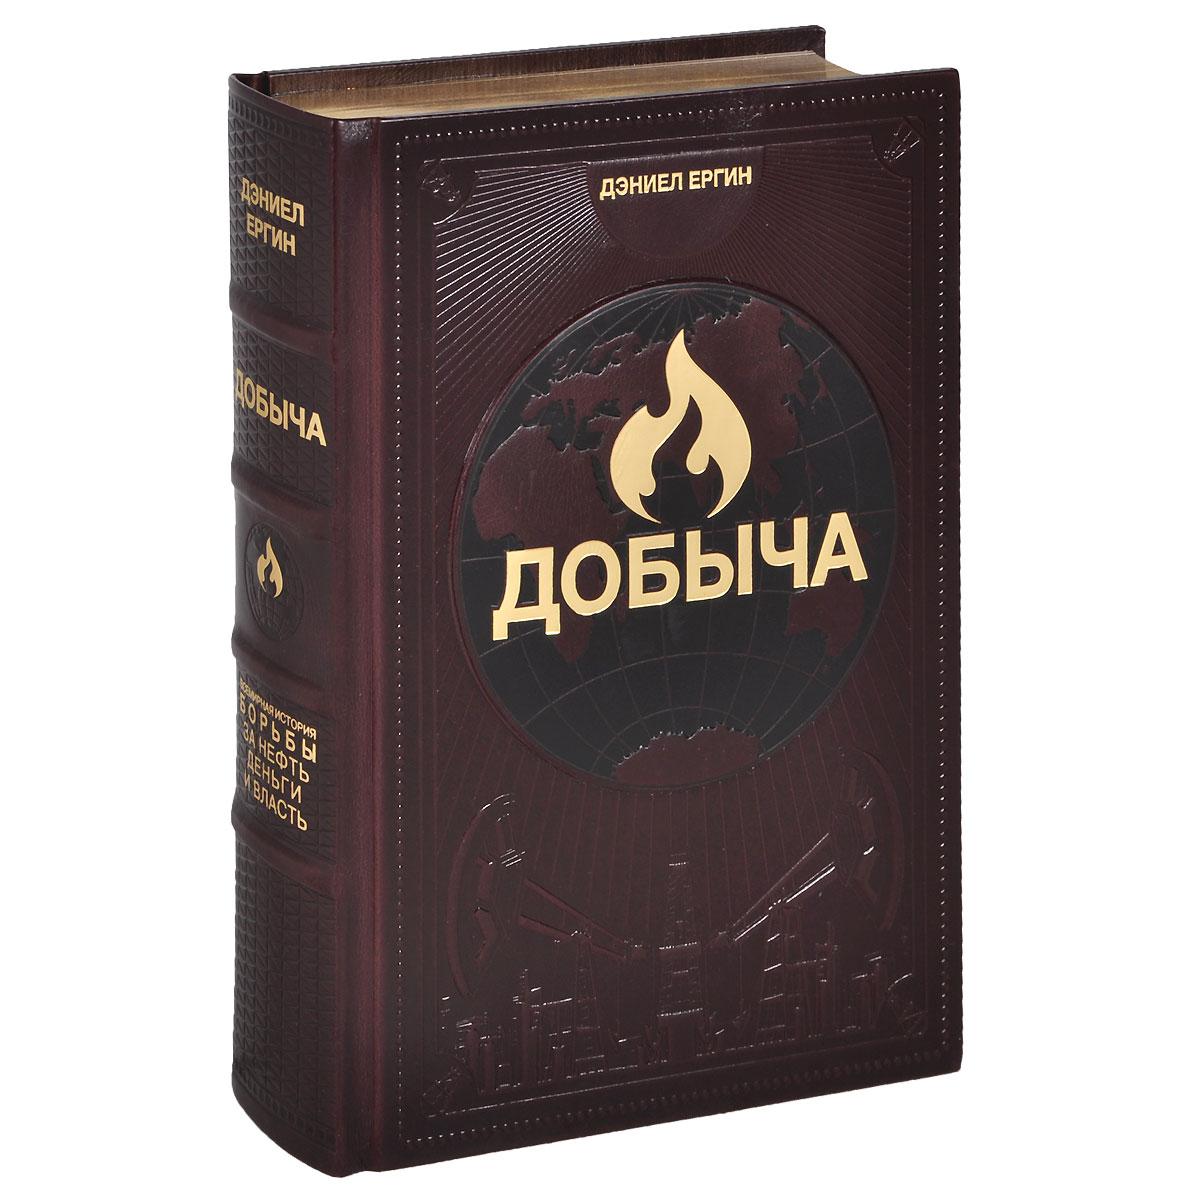 Добыча. Всемирная история борьбы за нефть, деньги и власть (эксклюзивное подарочное издание)